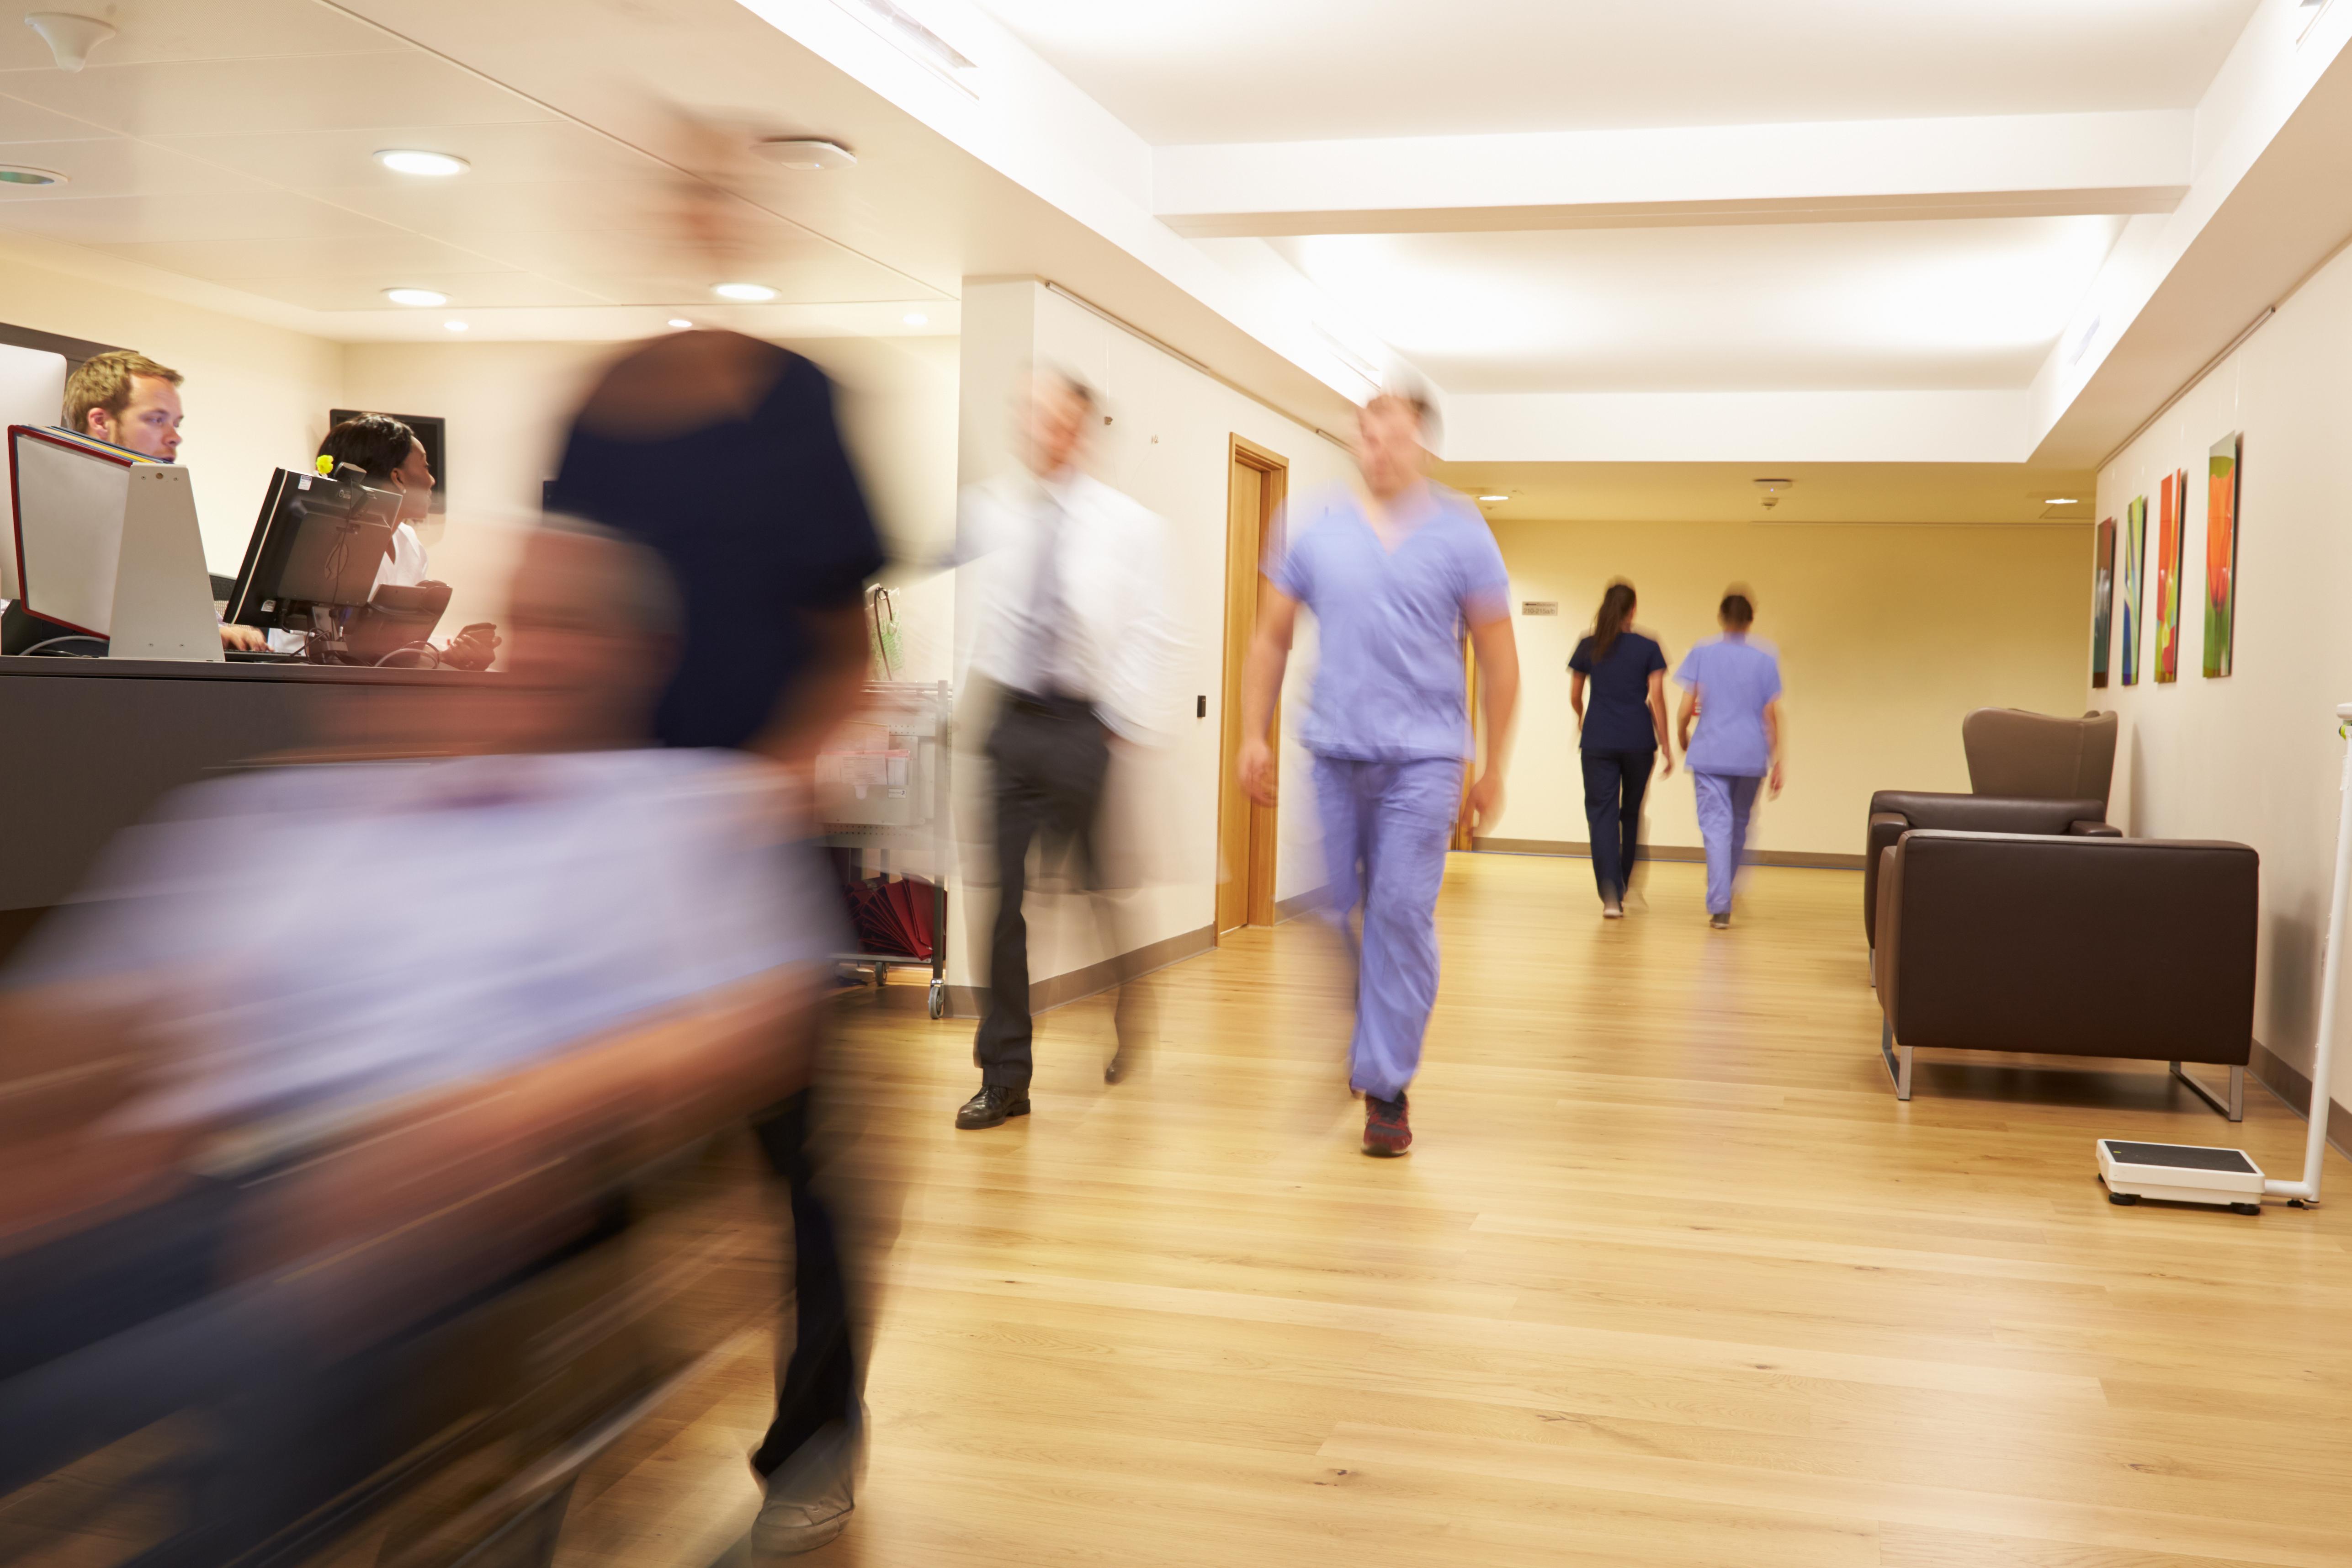 nurses-station-people-walking